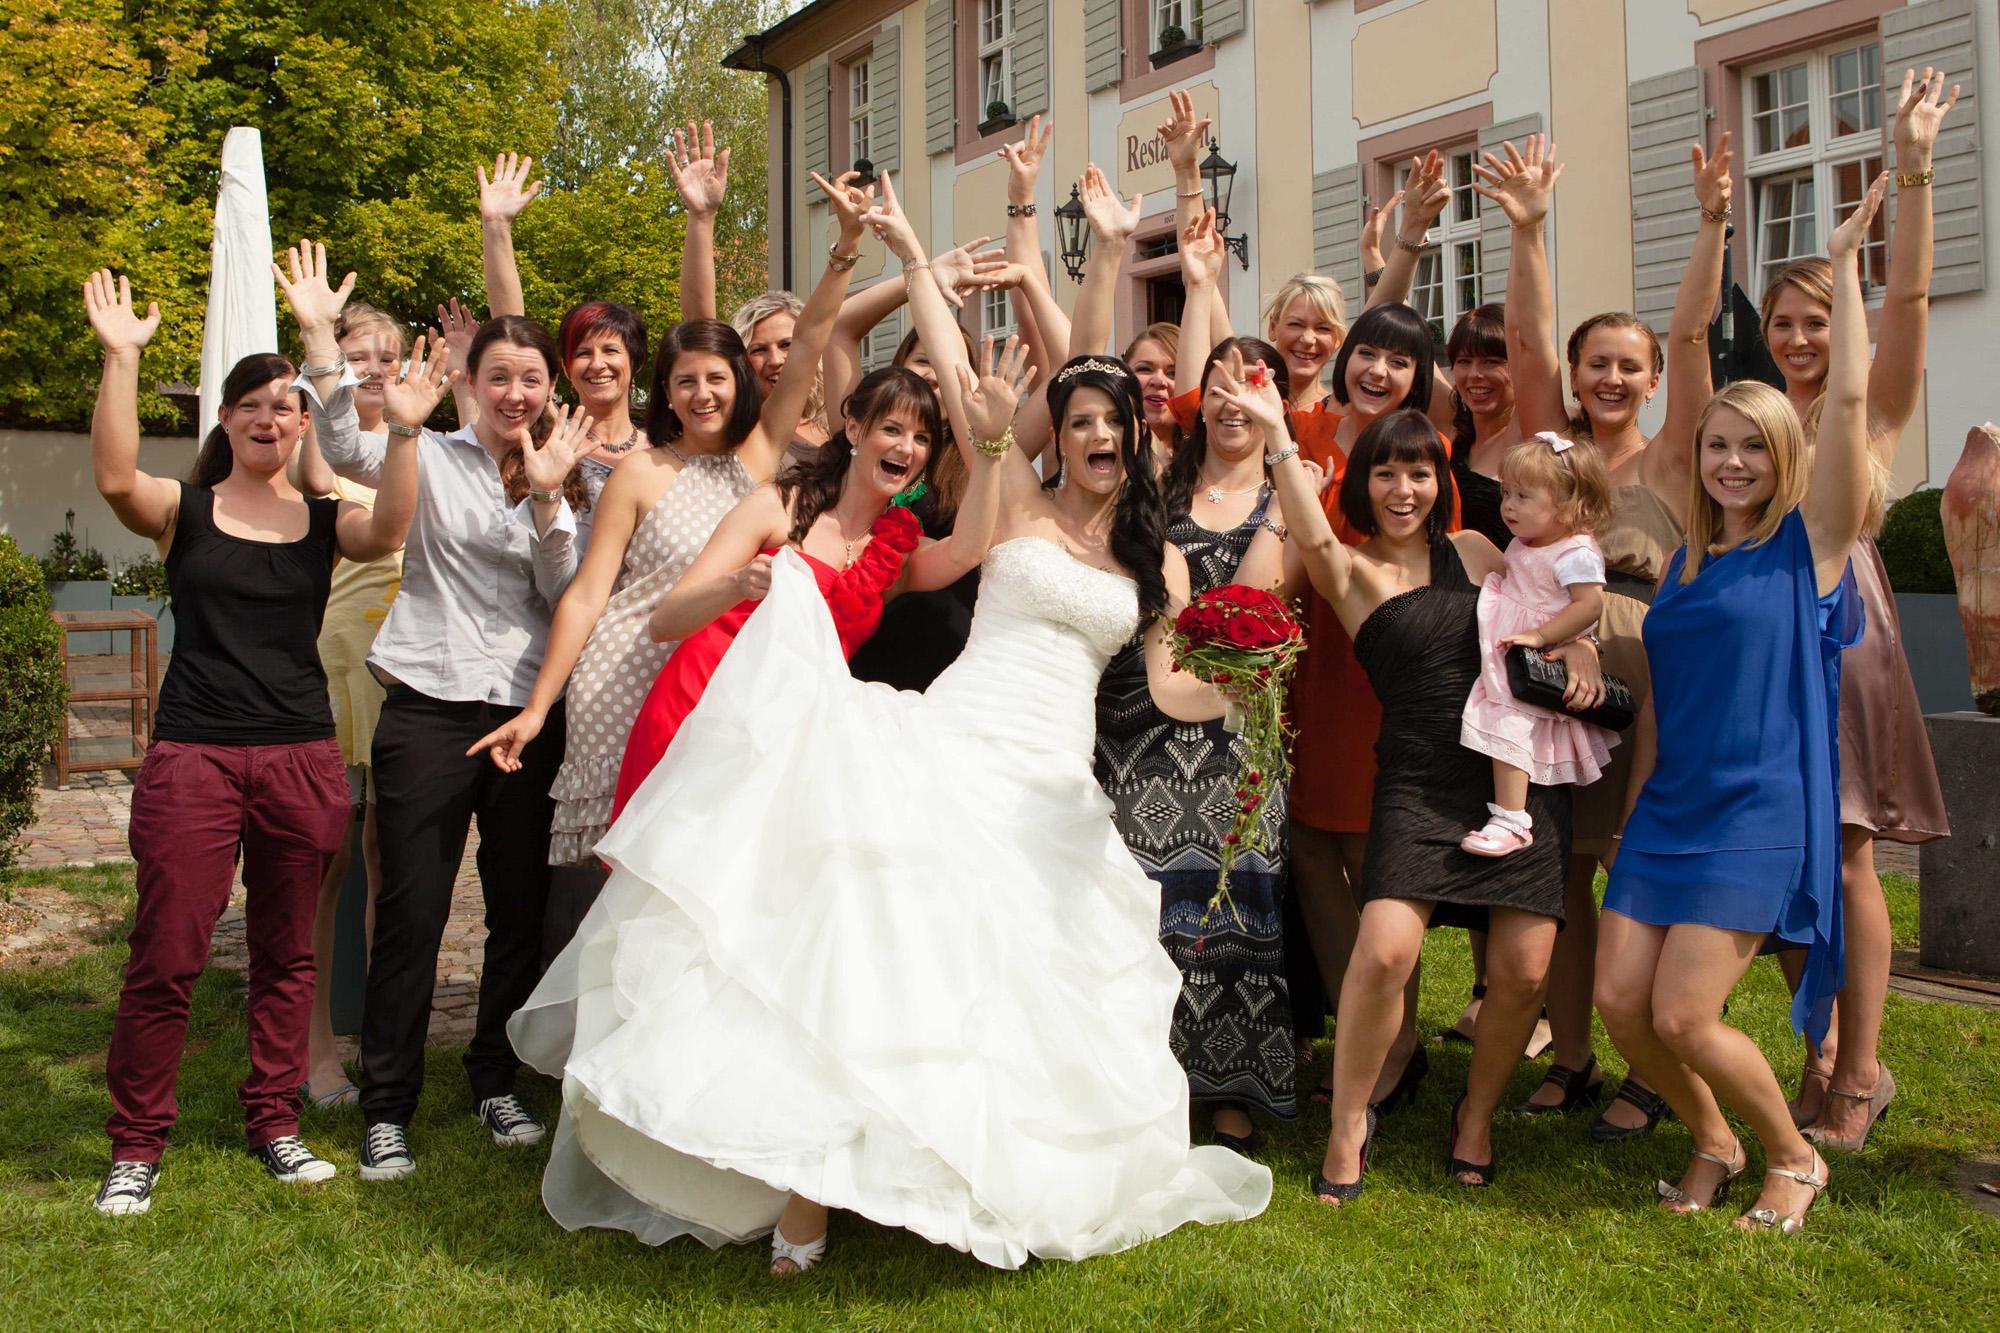 Hochzeitsbild - Alle Frauen